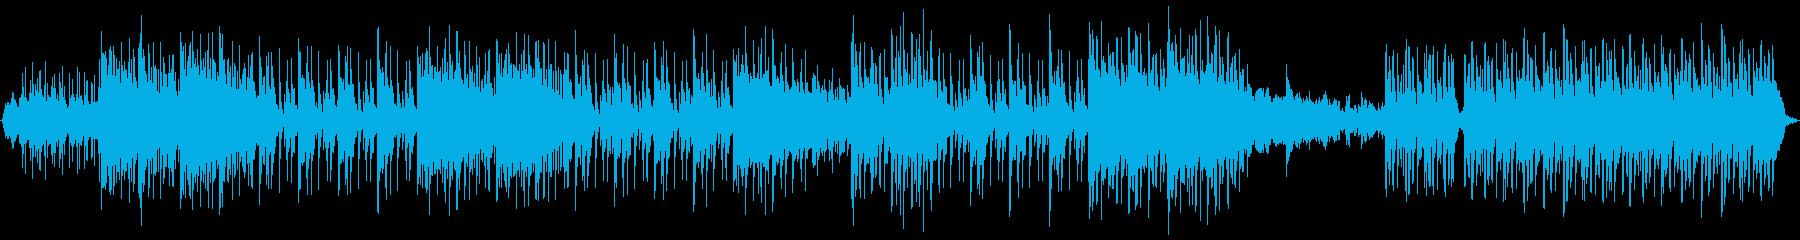 水の景色に合うような楽曲になっていますの再生済みの波形